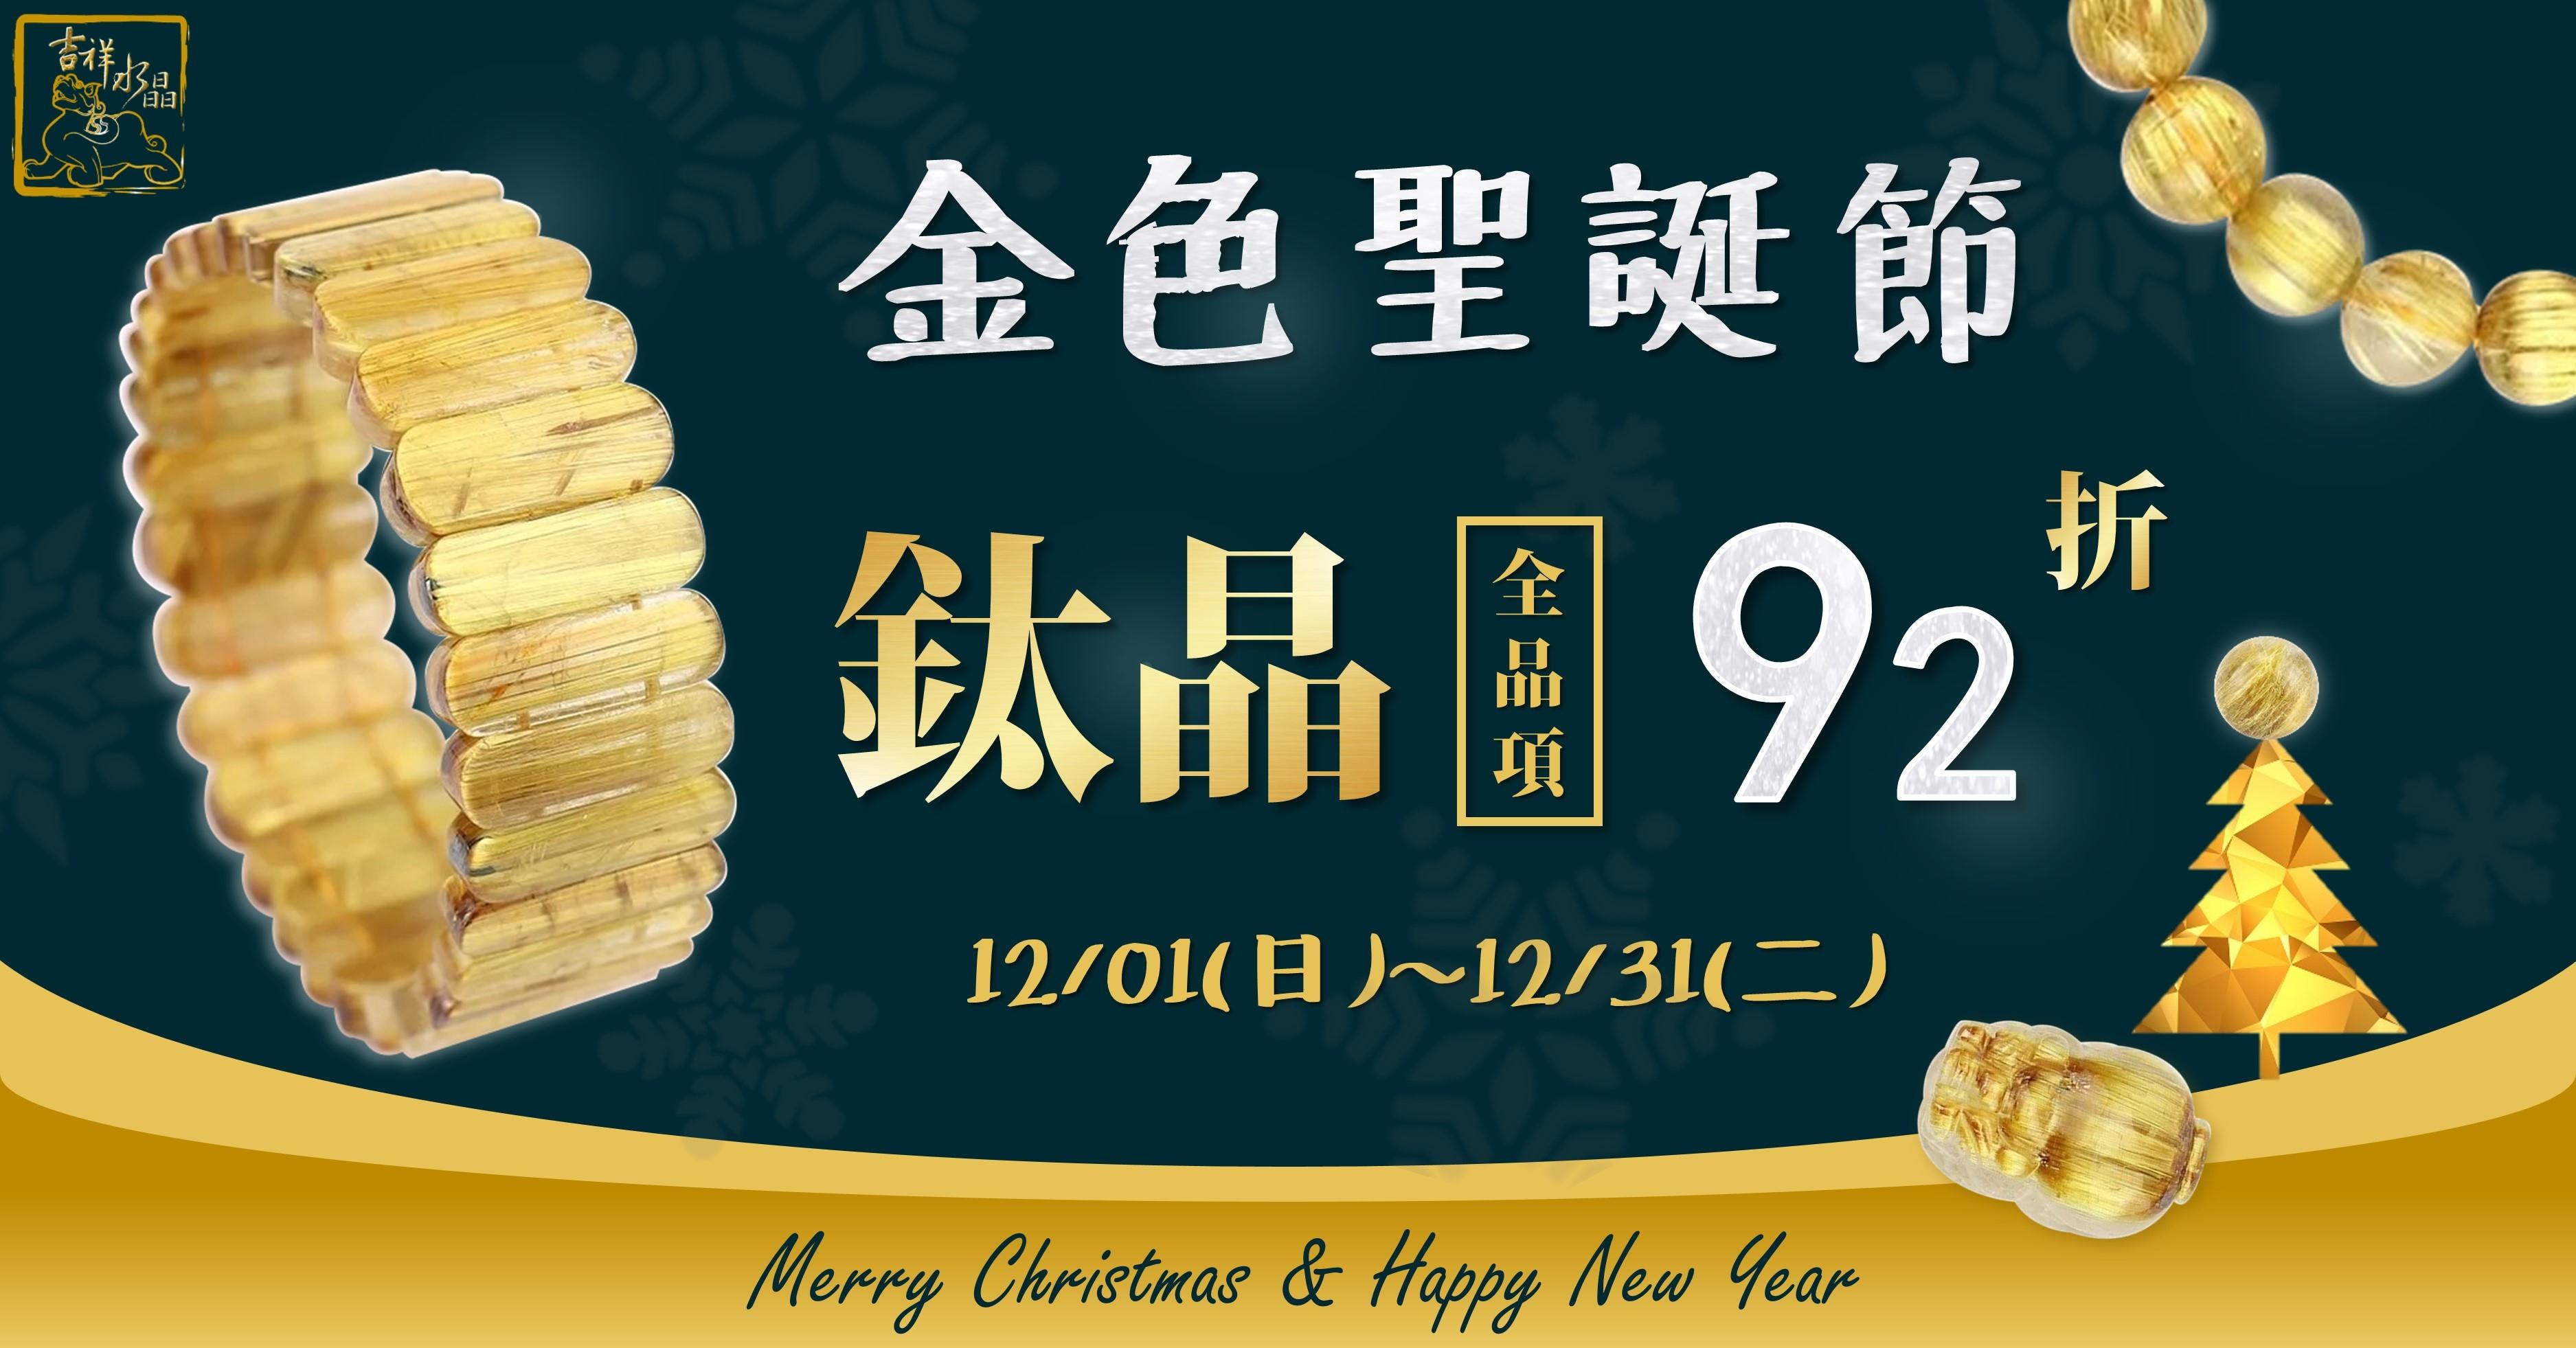 鈦晶,頂級鈦晶,聖誕節優惠,鈦晶手排,頂級鈦晶手排